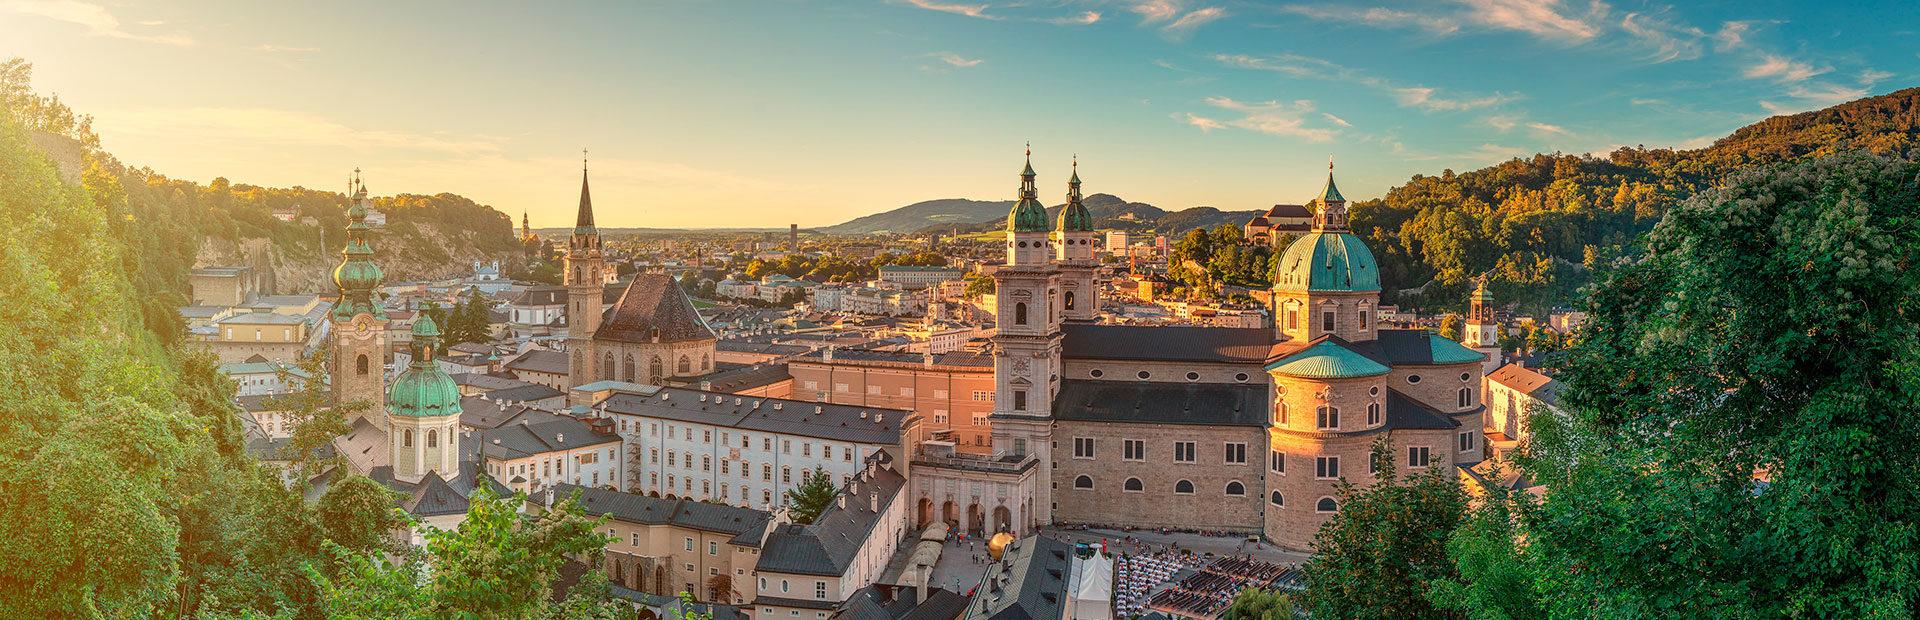 Ausflugsziele im Salzburger Land